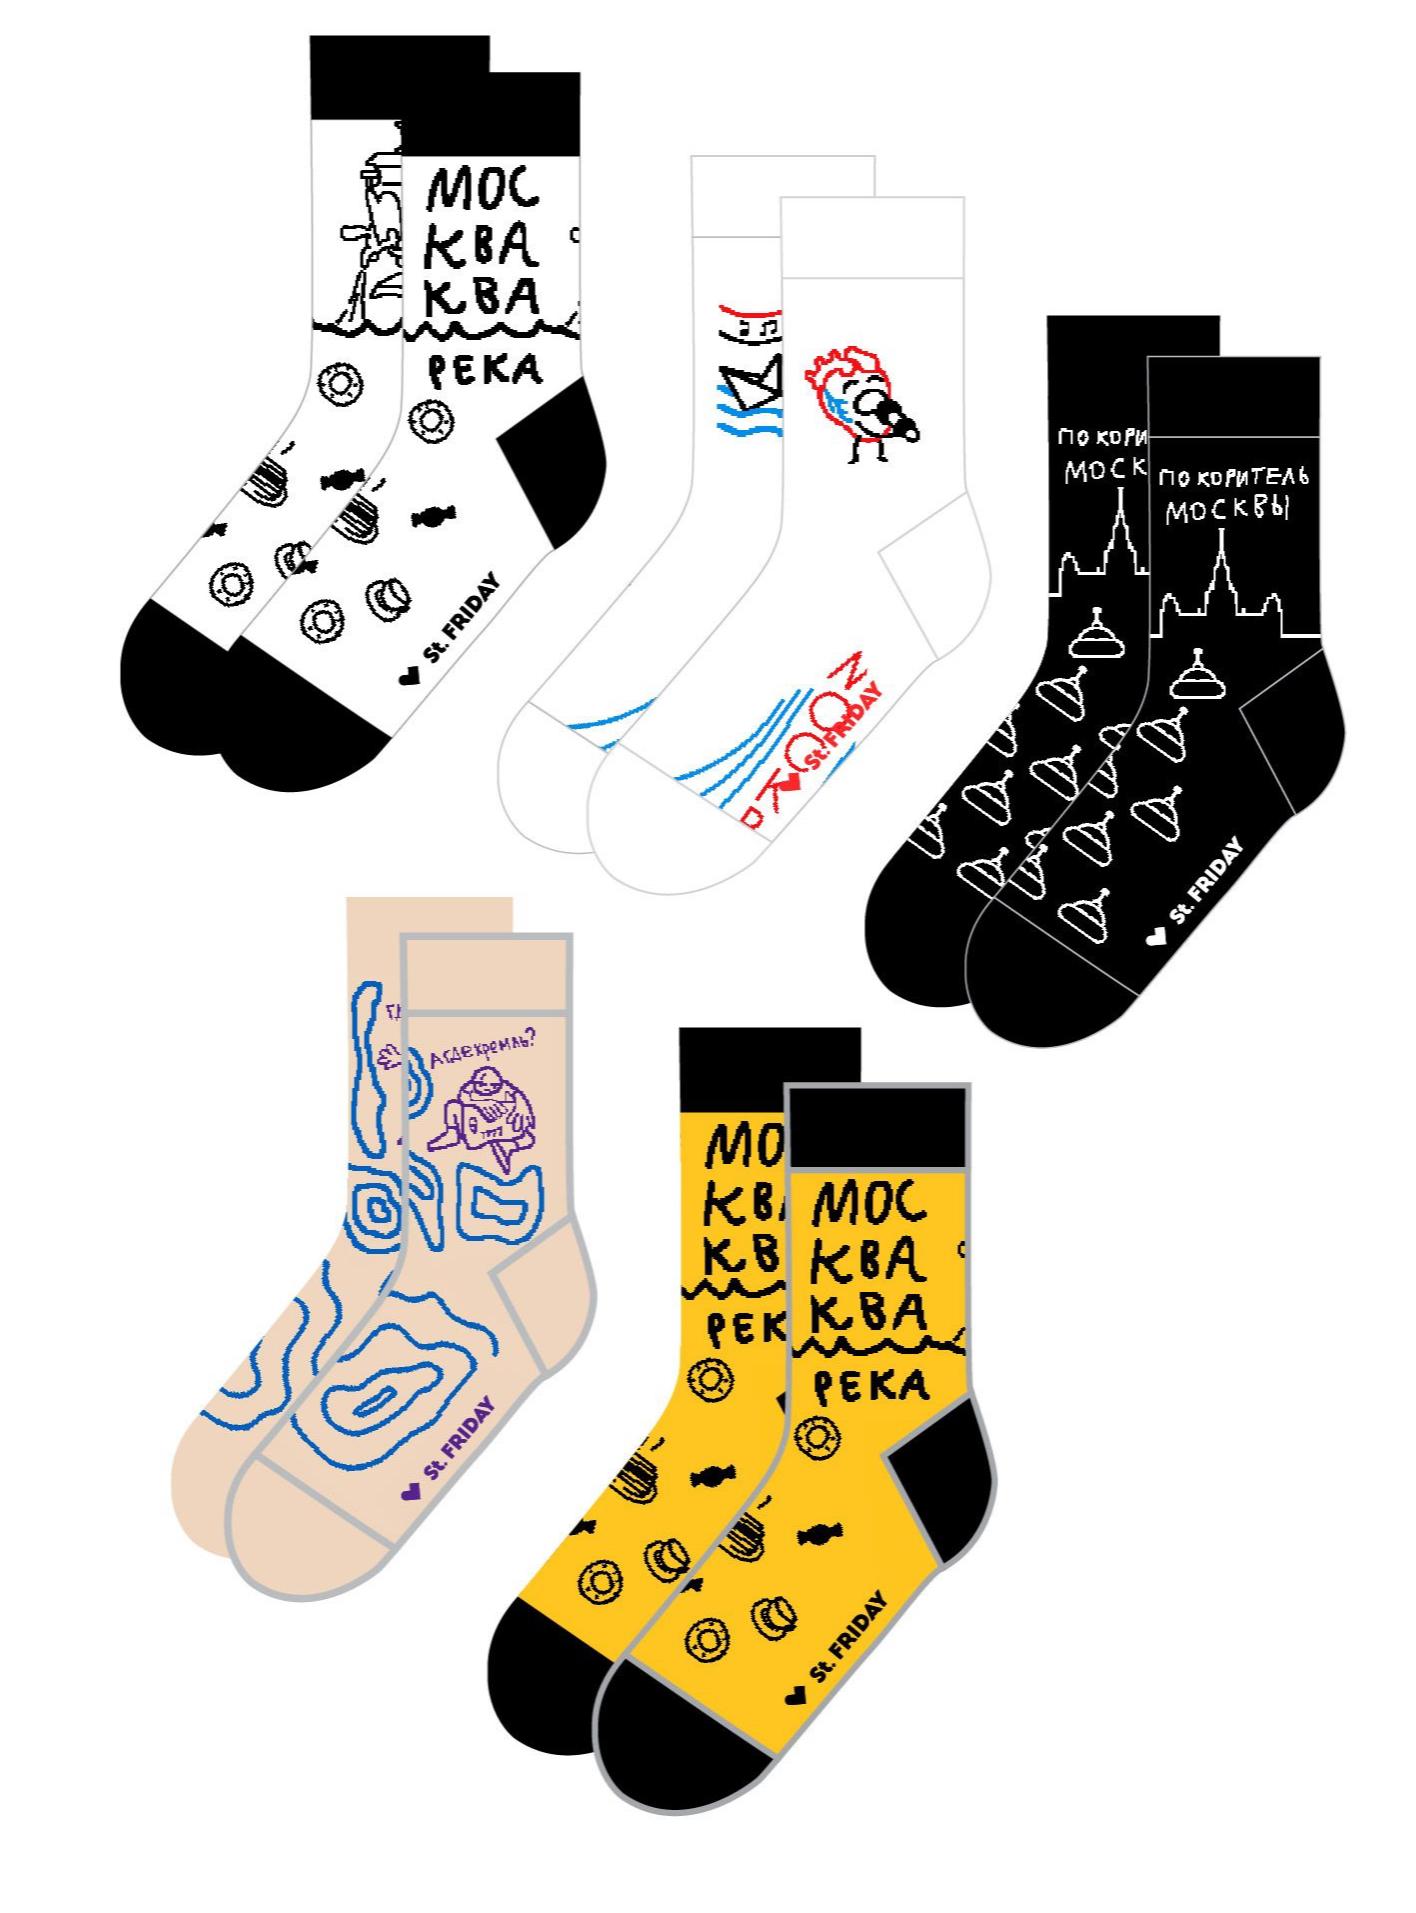 Набор носков St.Friday Socks с принтами в честь Москвы, 2499 руб. (myfriday.ru)